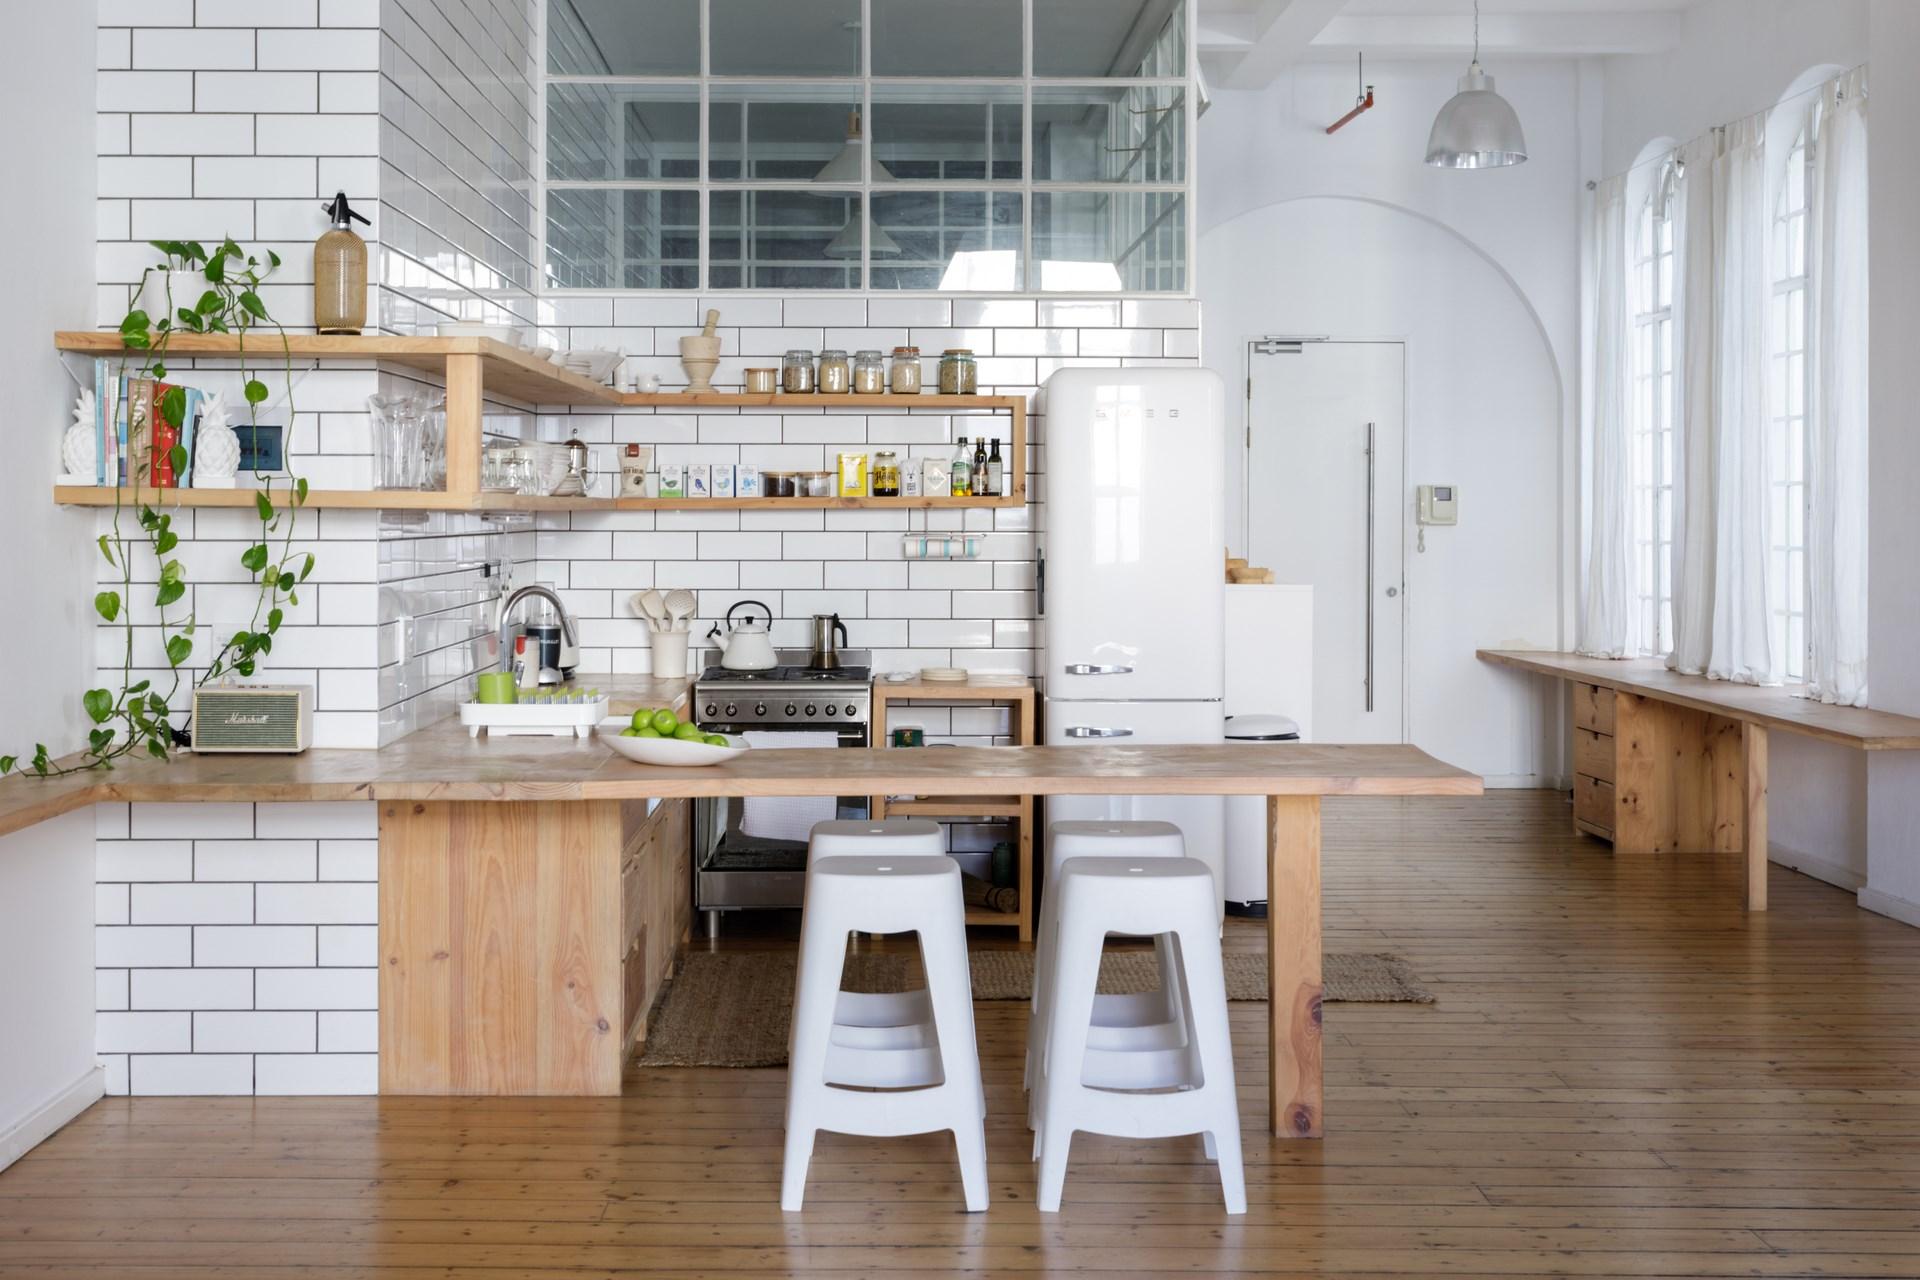 Airbnb valorizzare casa rifornite la dispensa